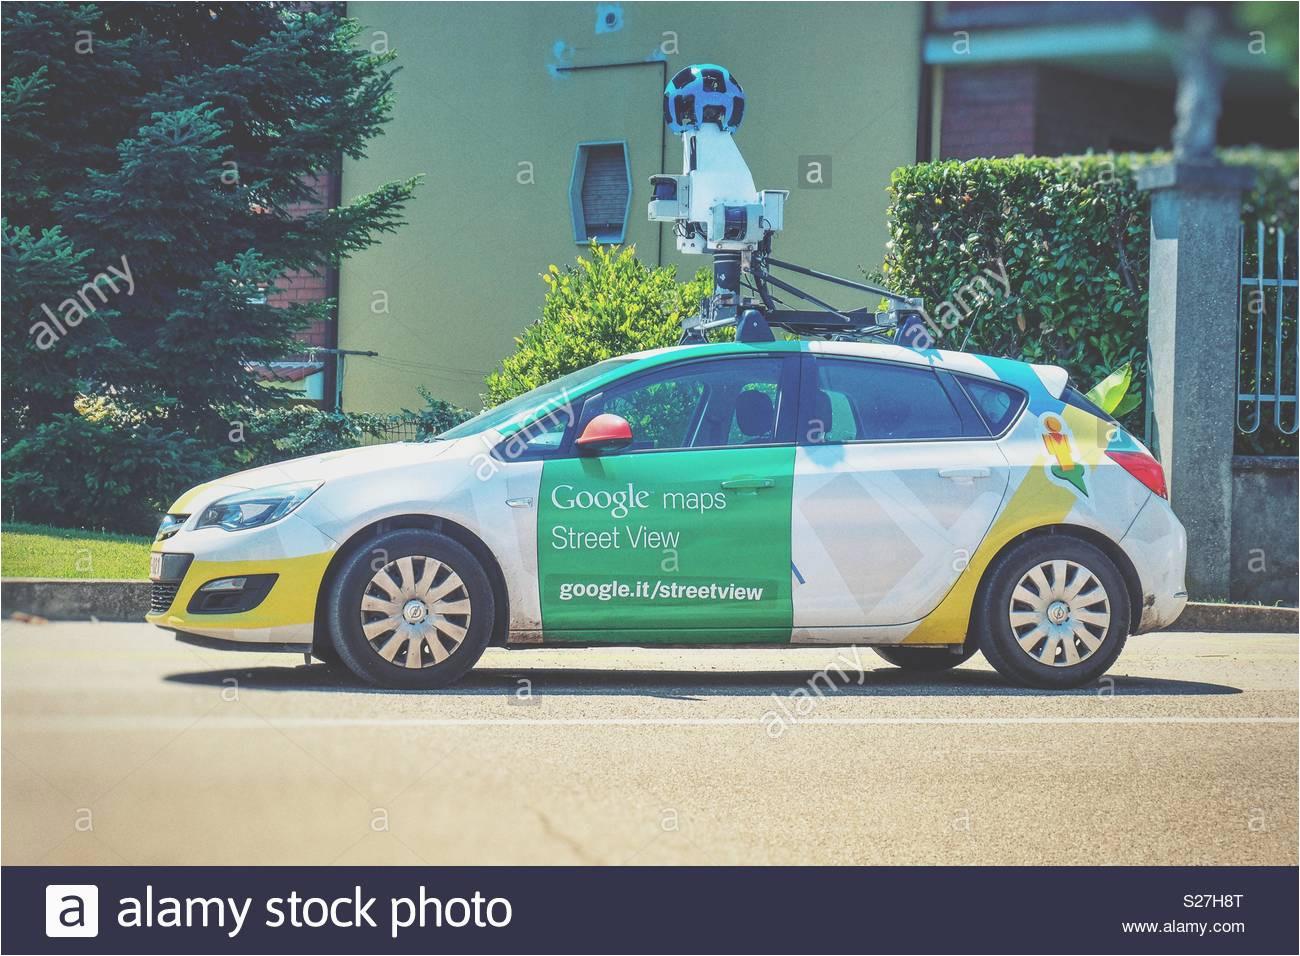 google maps car stock photos google maps car stock images alamy